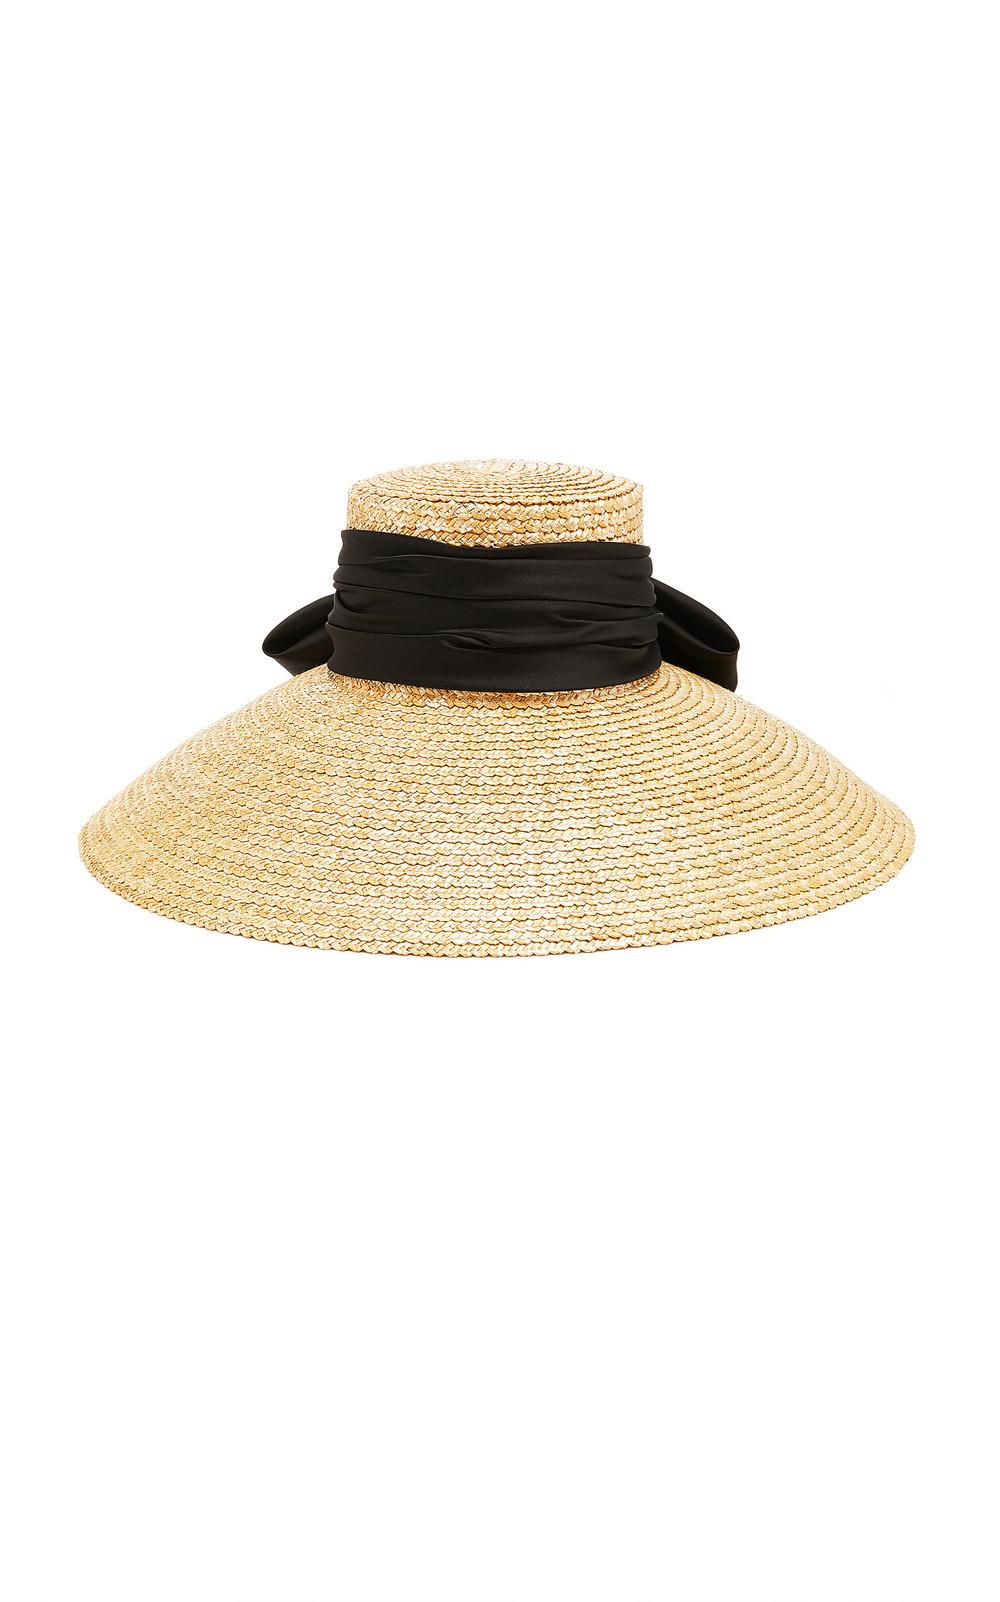 Eugenia Kim Mirabel Straw Hat in black